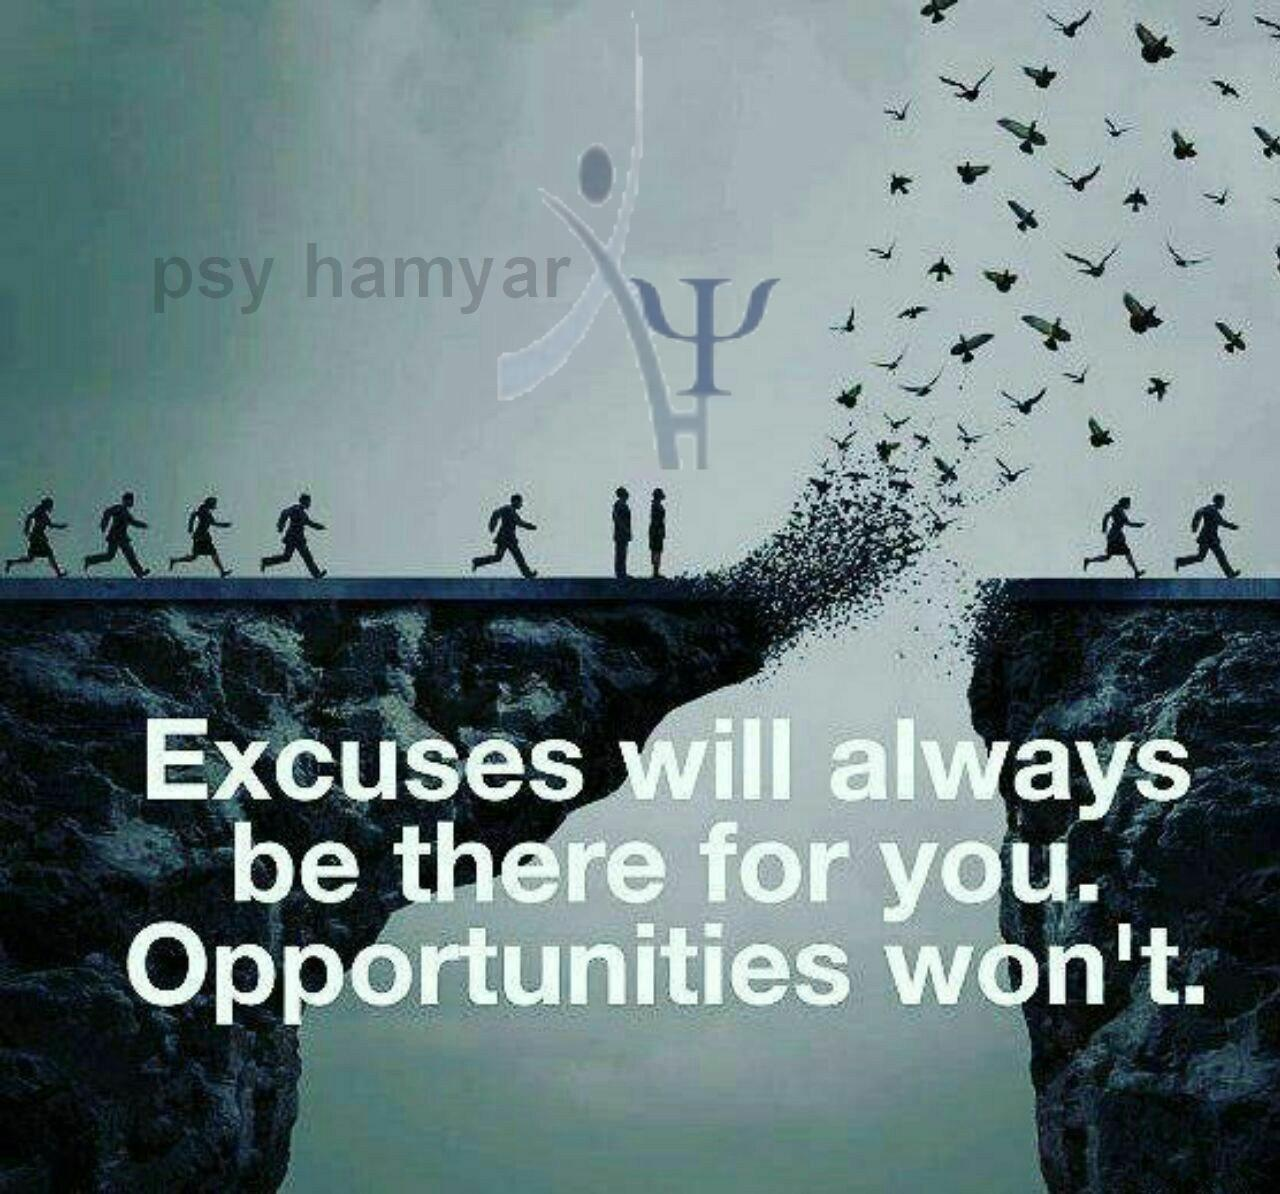 بهانه ها همیشه برای تو خواهند بود،  اما فرصت ها تا ابد نمی مانند psy hamyar